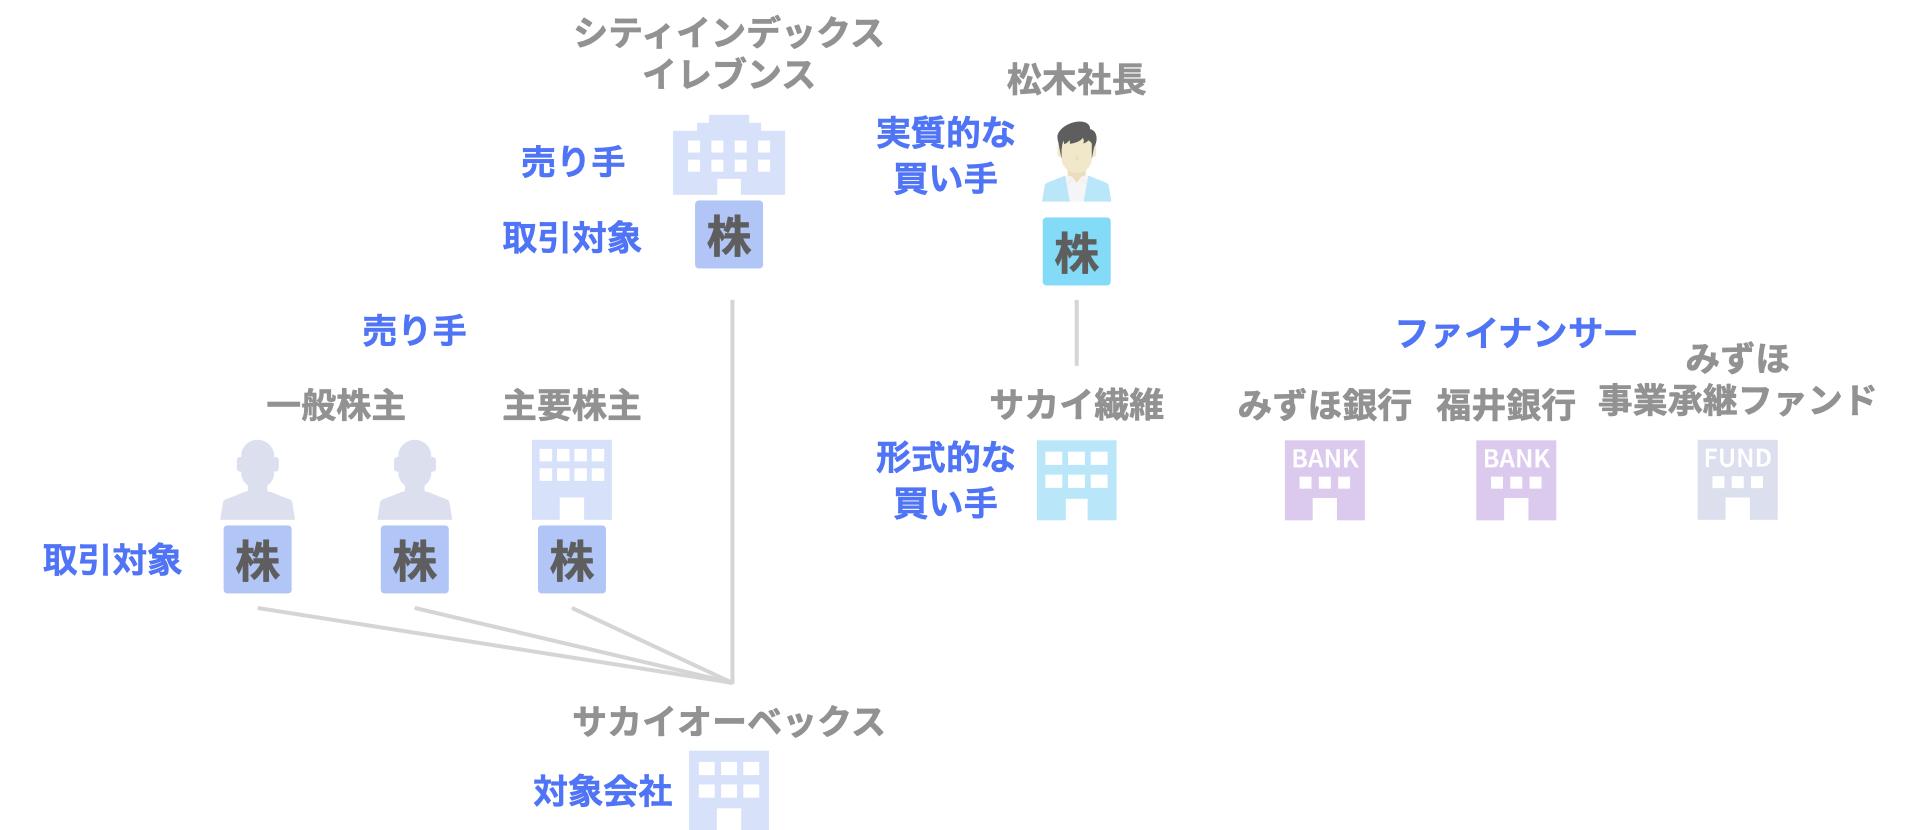 サカイオーベックスのデットMBO(みずほ・福井銀行)の関係者